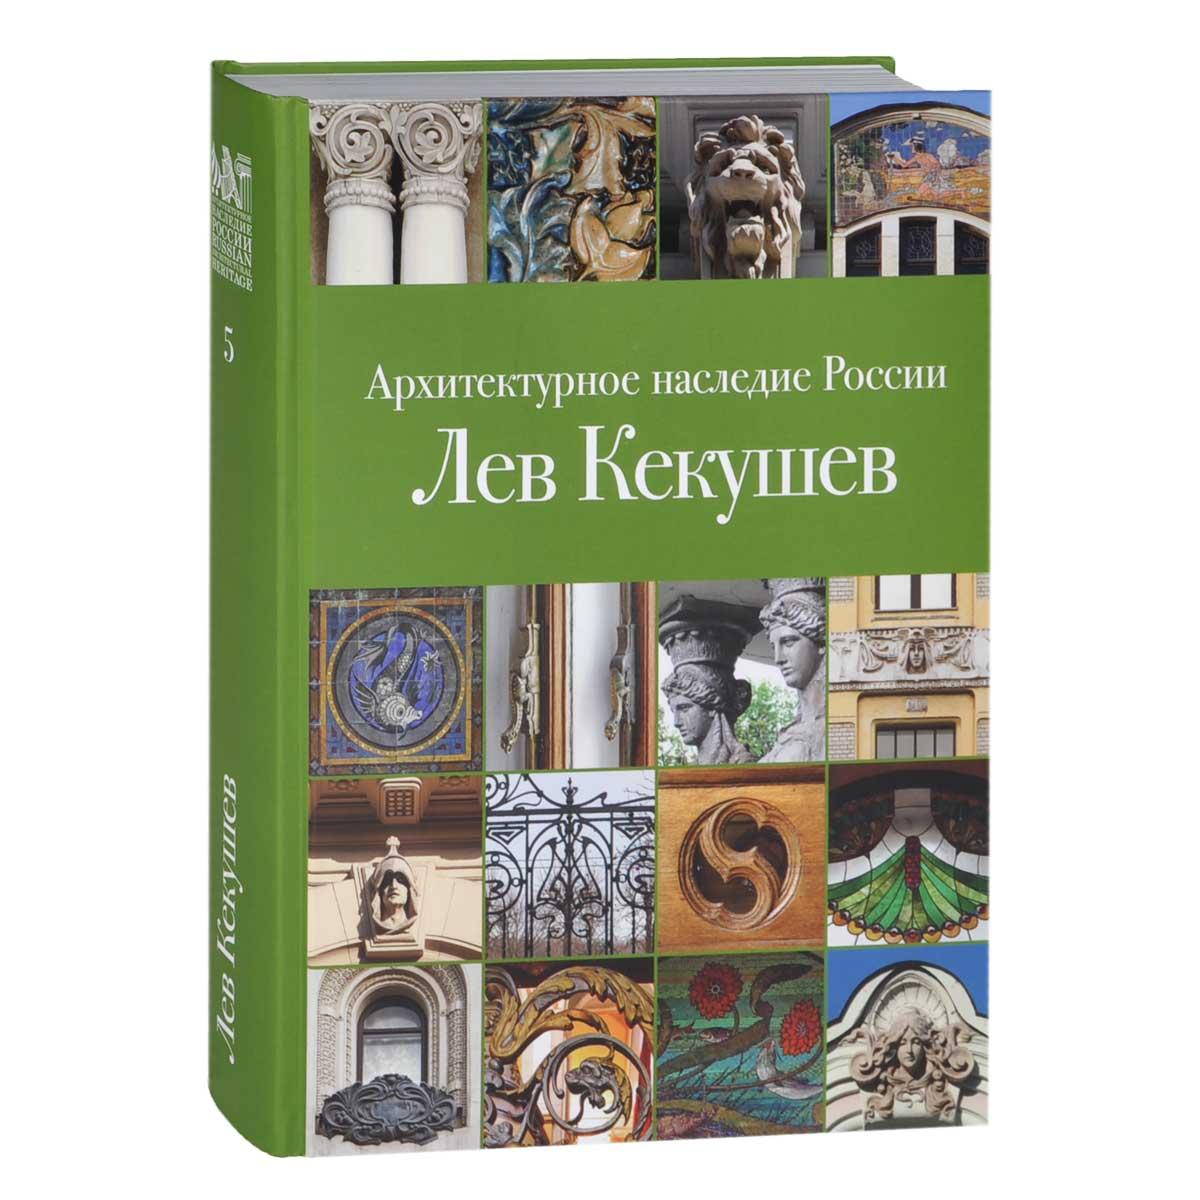 Архитектурное наследие России. Лев Кекушев